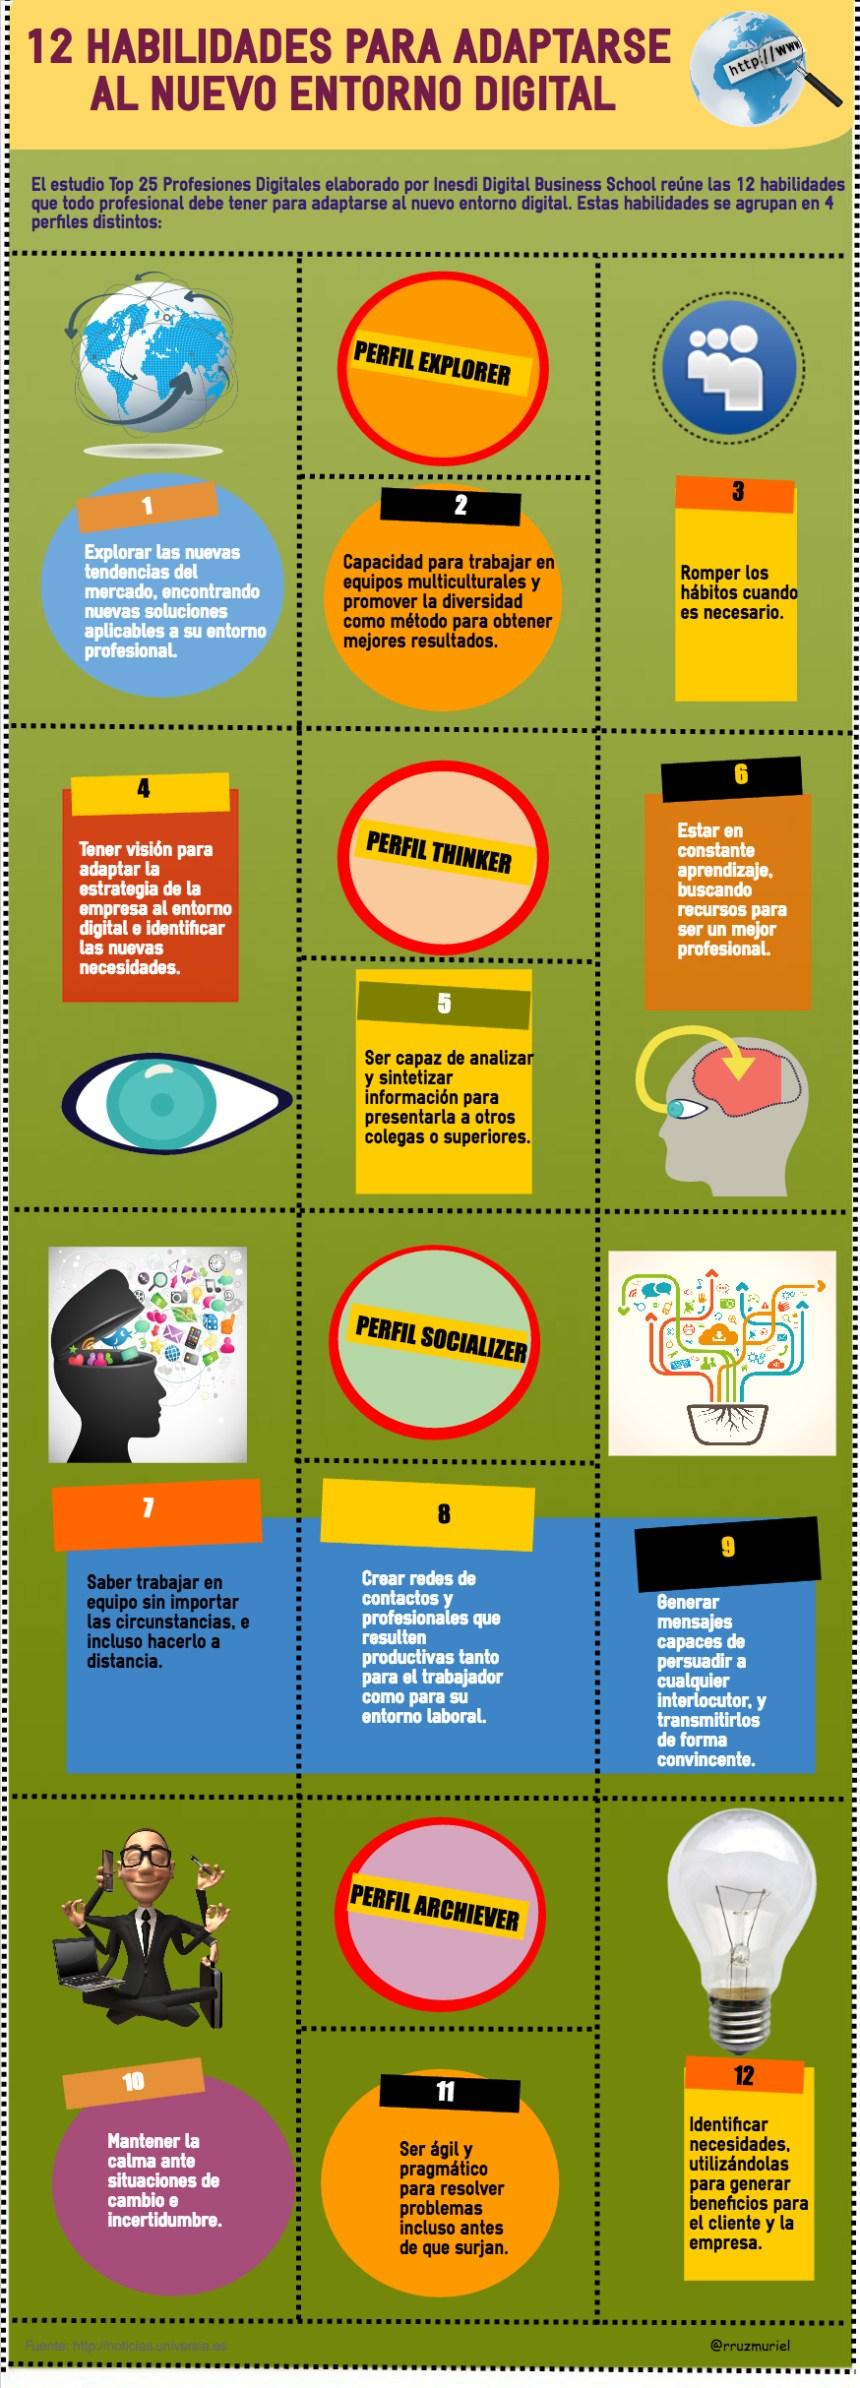 12 habilidades para adaptarse al entono digital